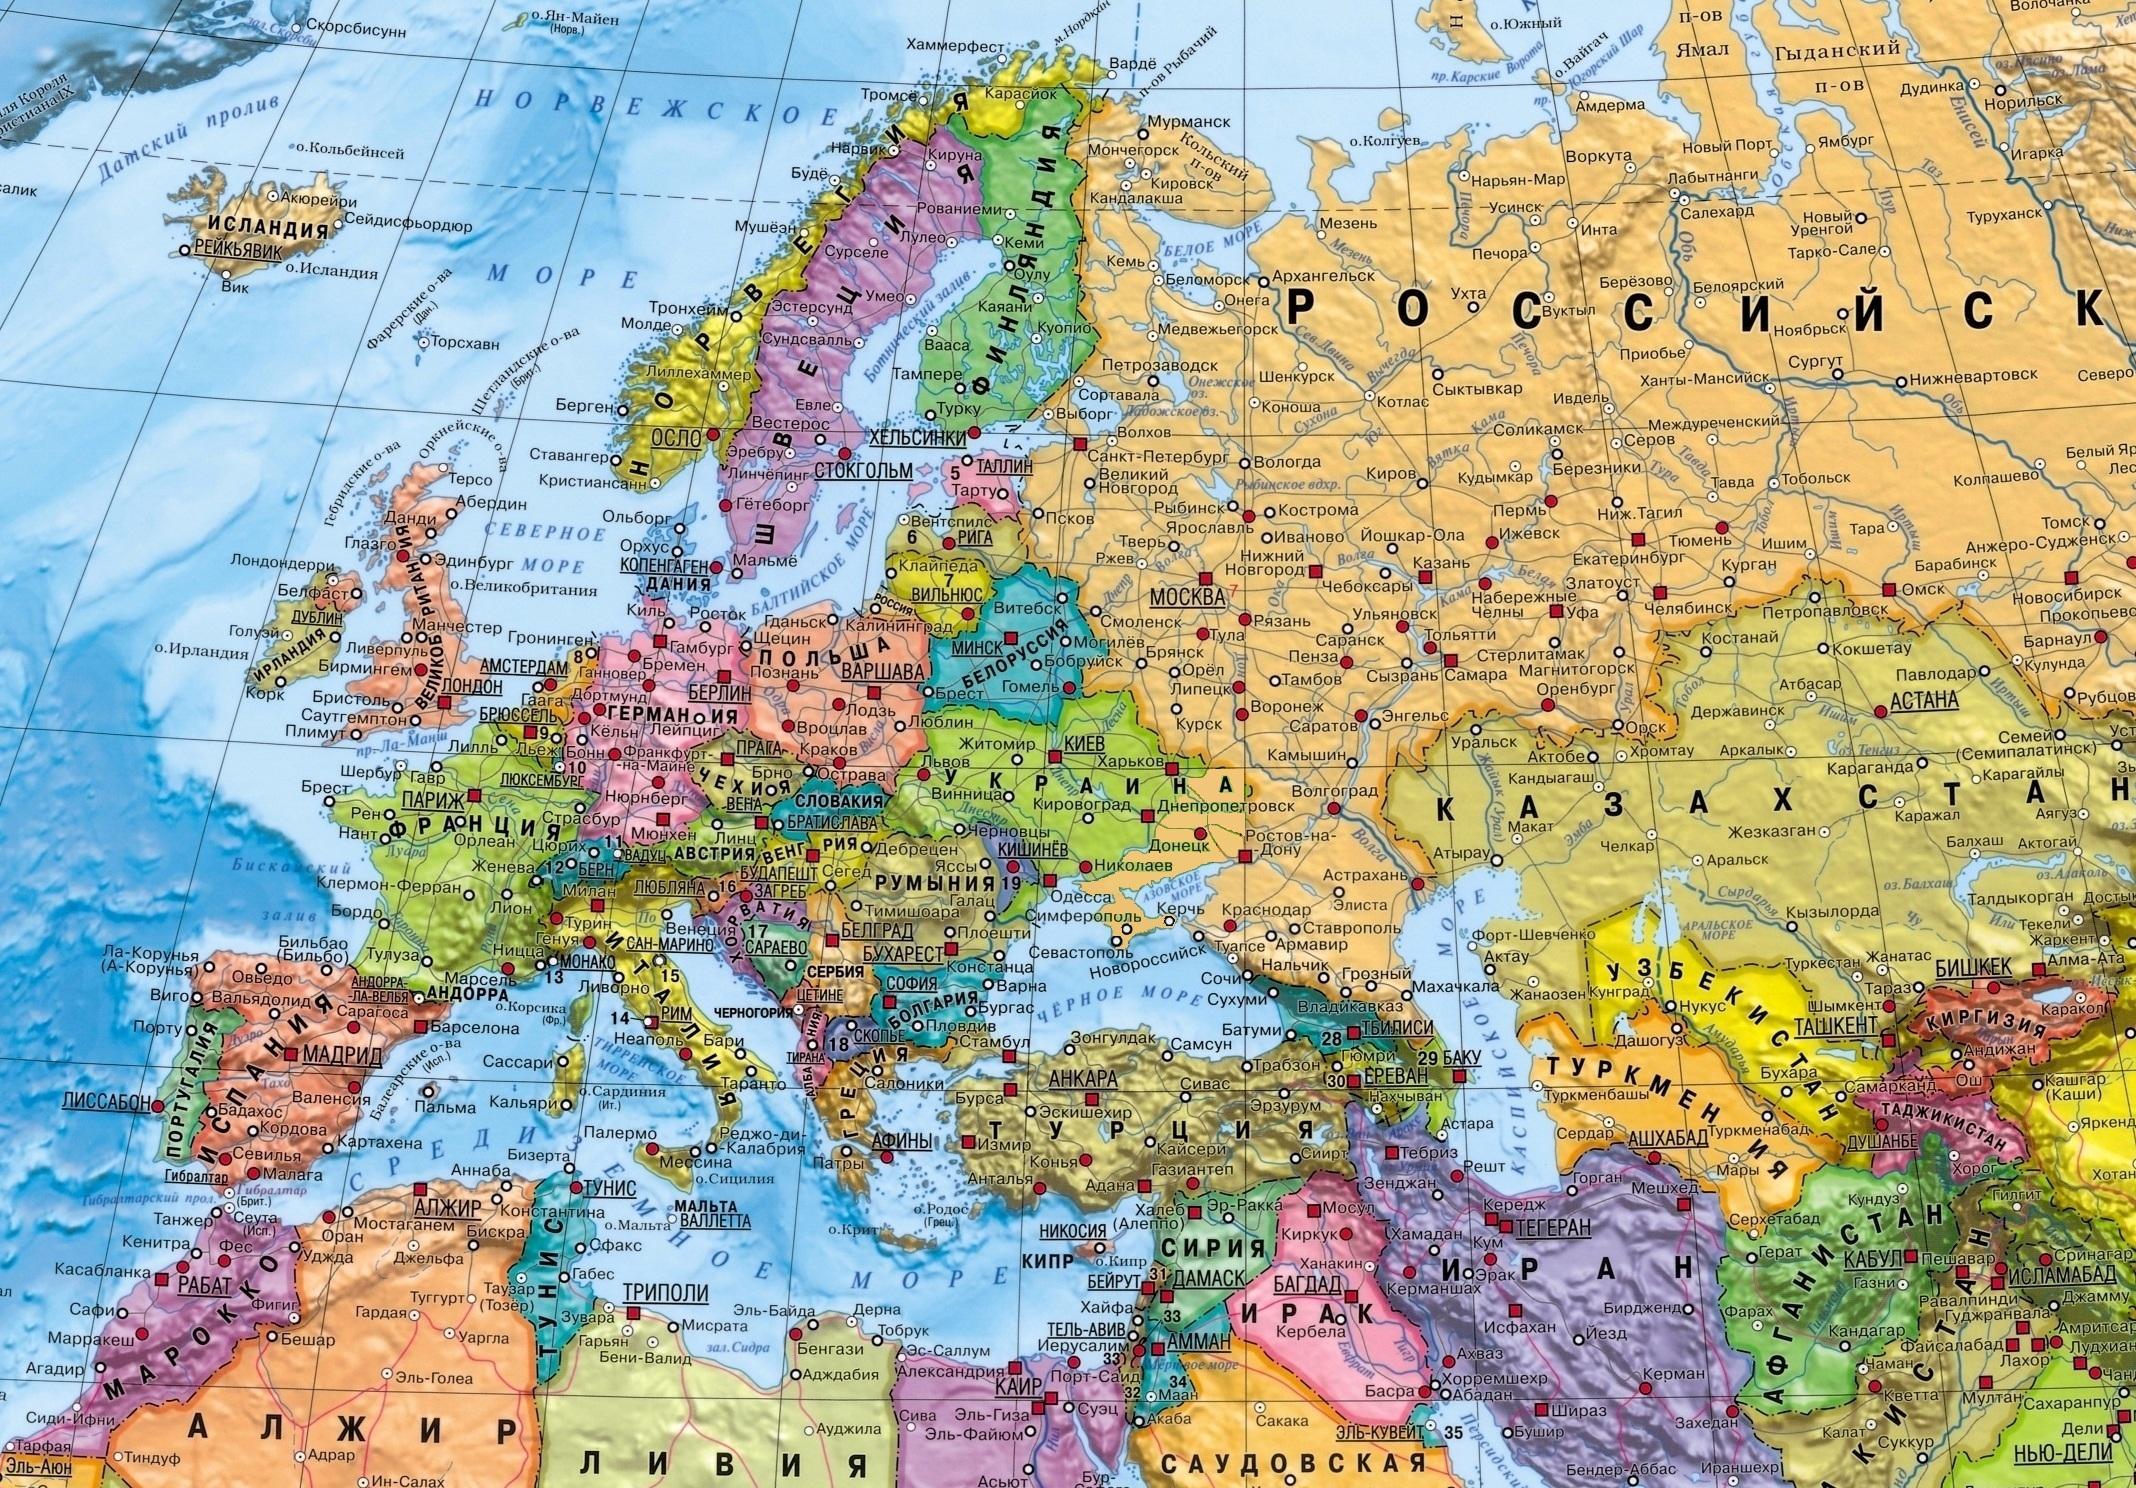 Karta Evropy Evropa Na Karte Mira Onlajn